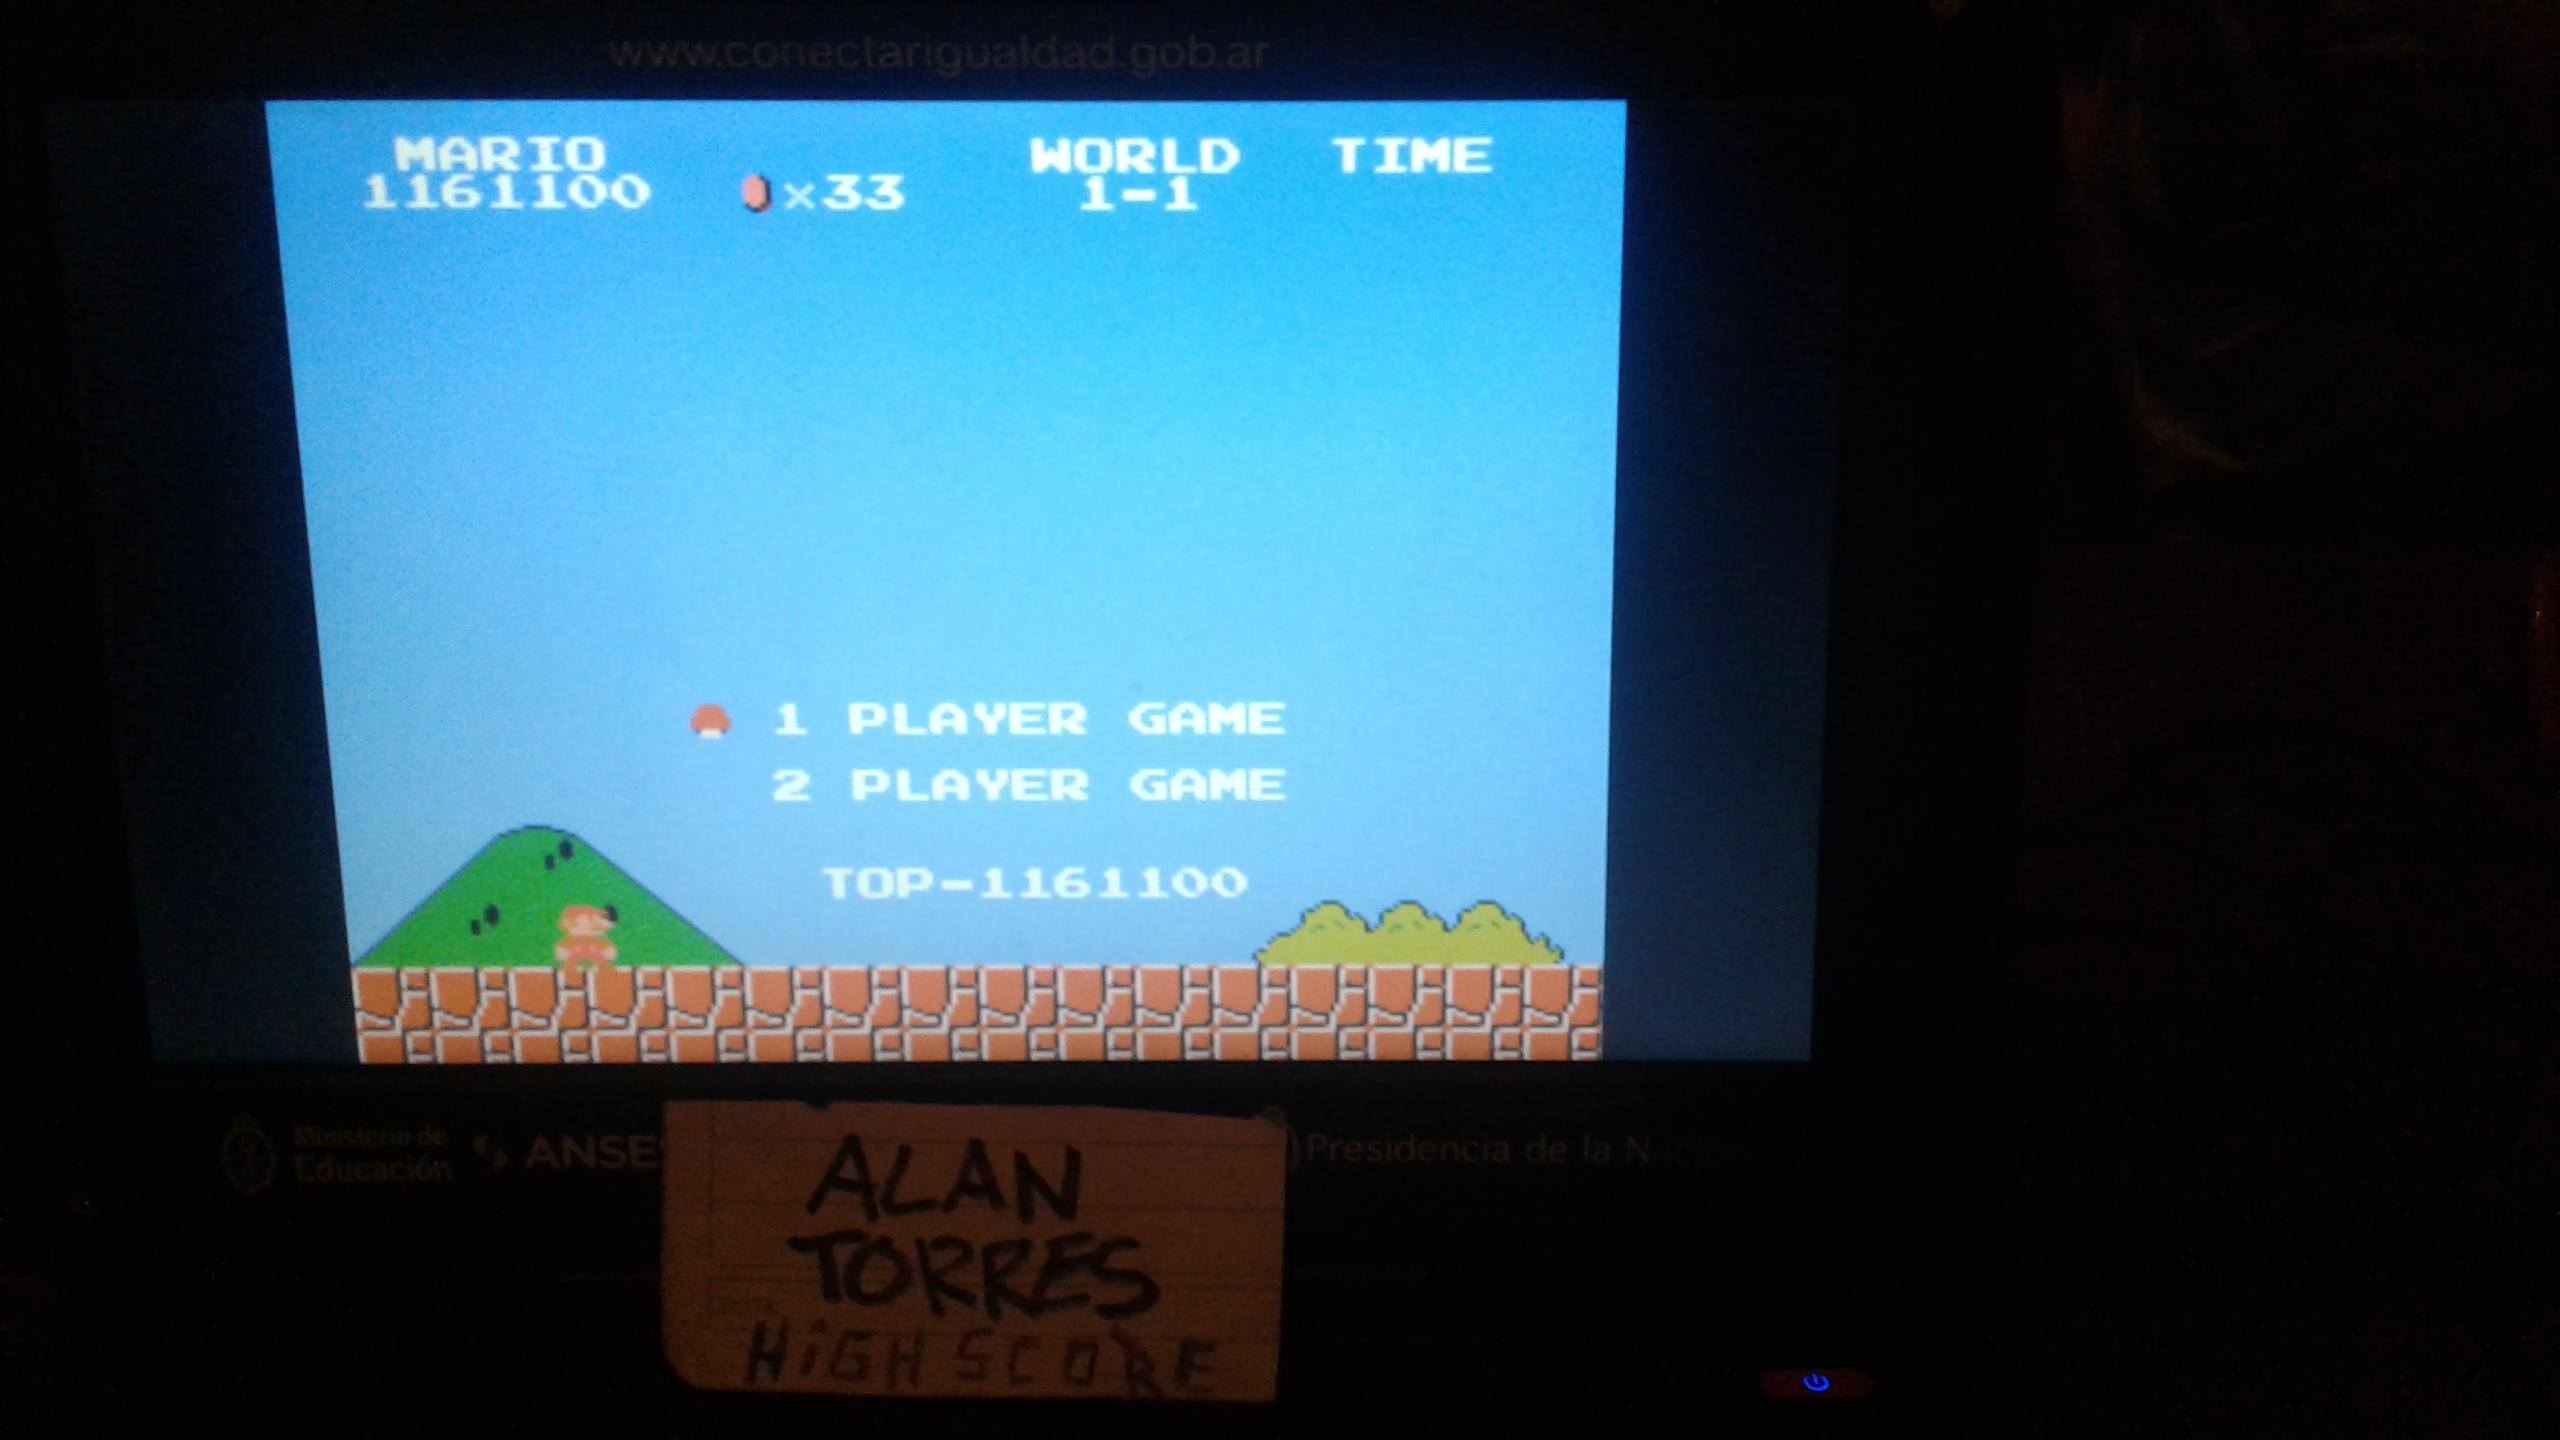 Super Mario Bros. 1,161,100 points